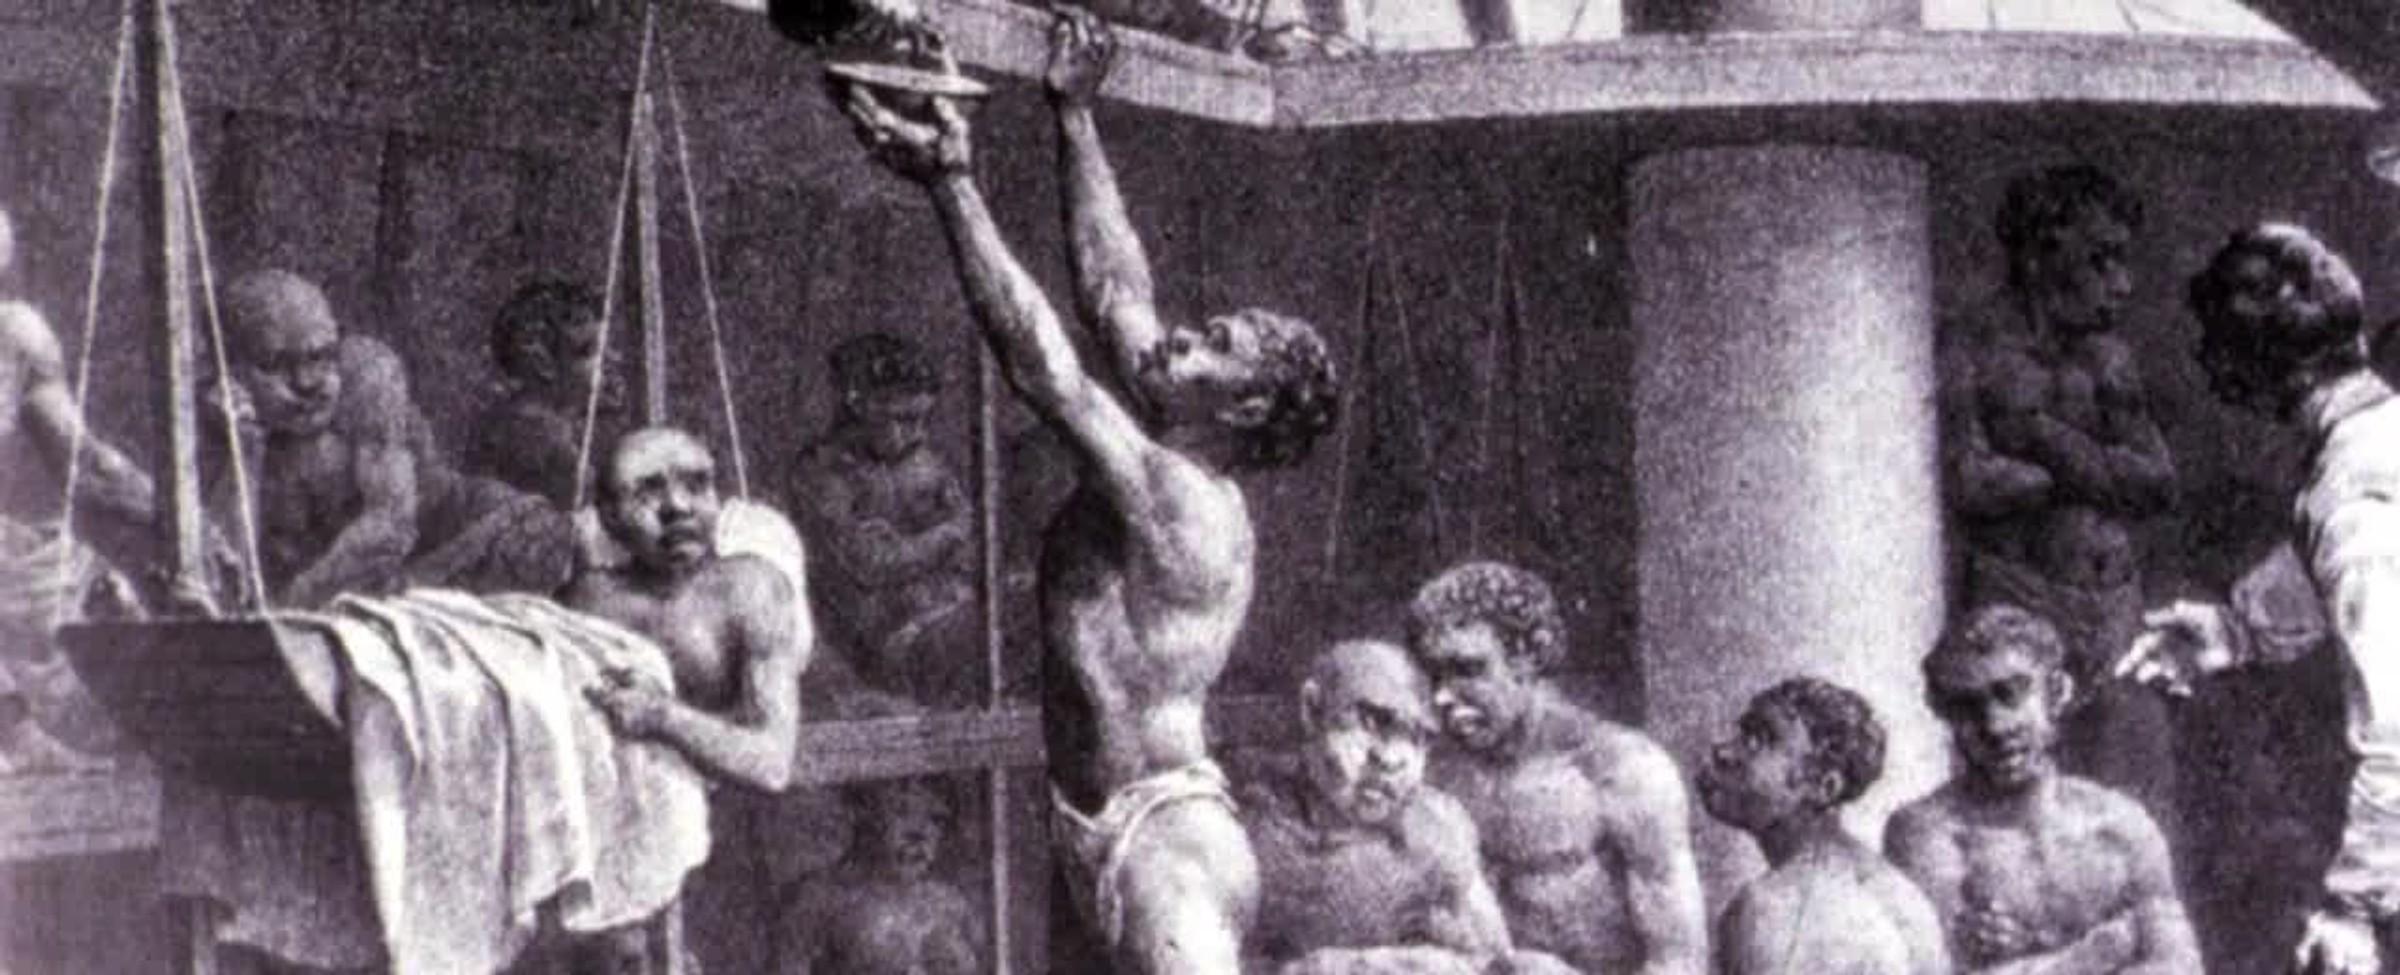 Dějiny otrokářství v USA